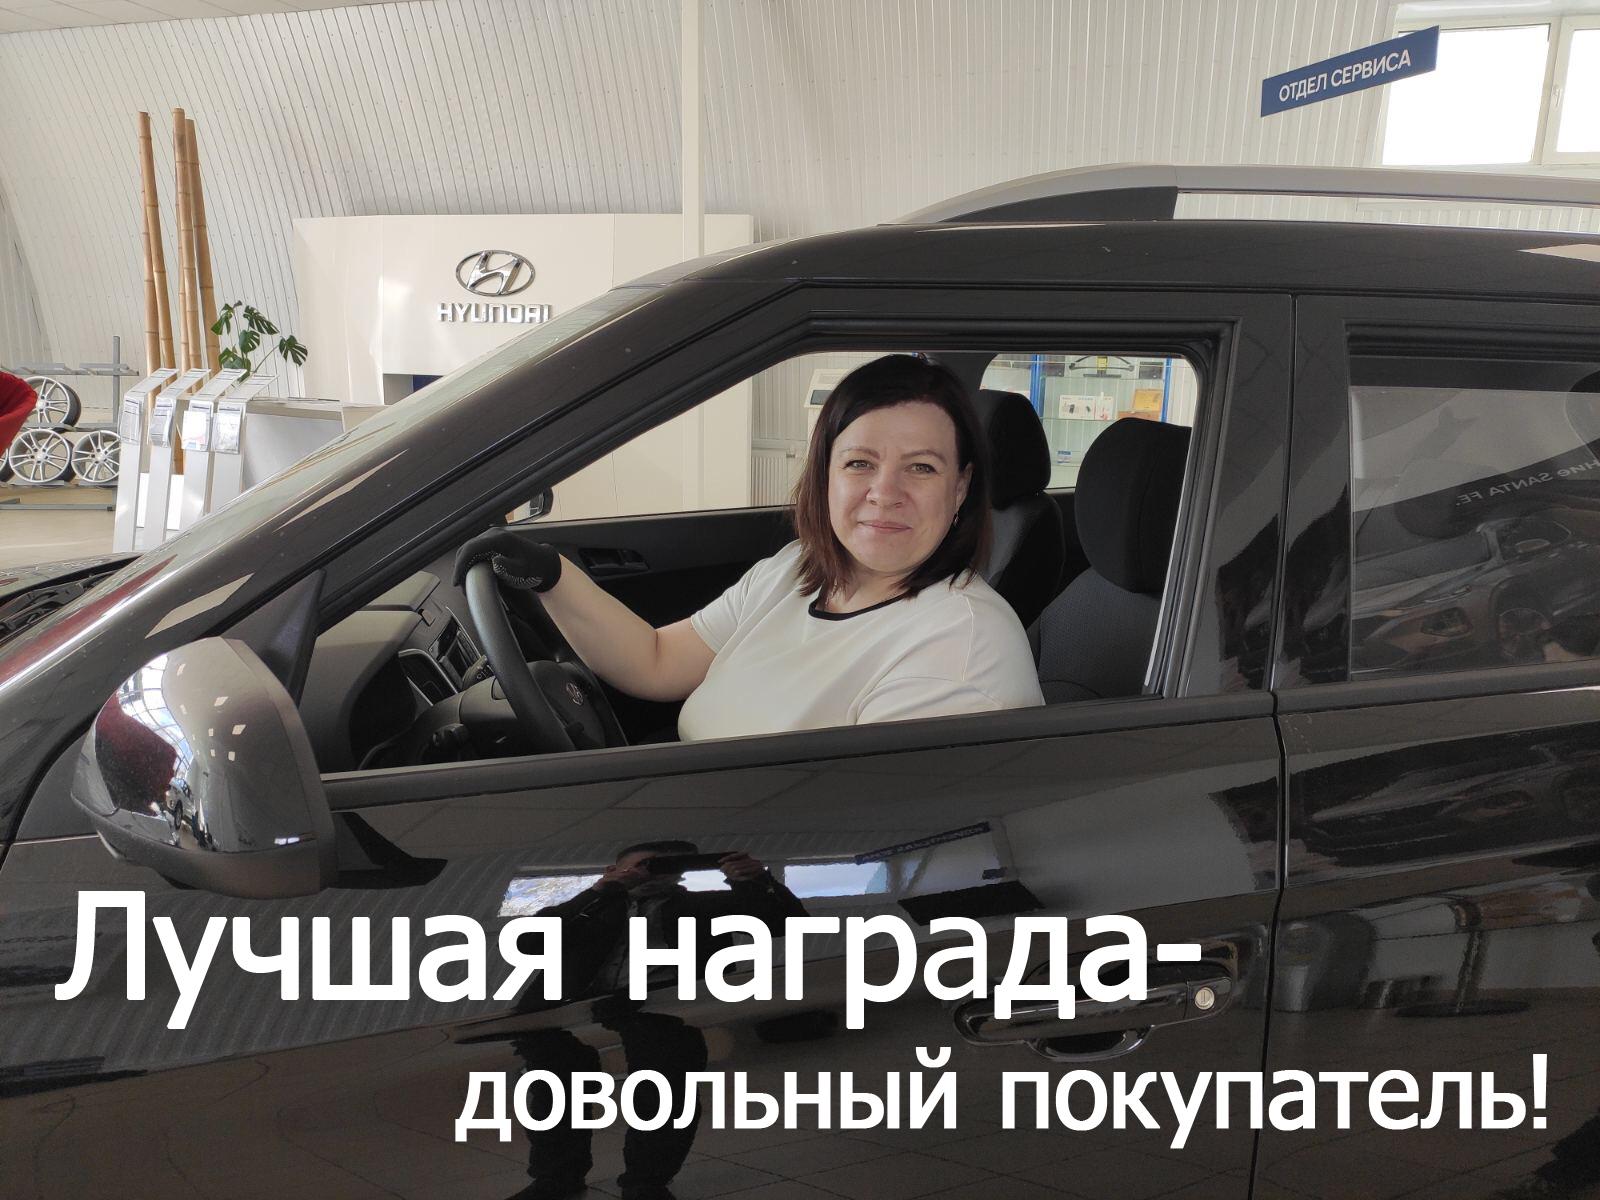 Автосалон «Hyundai» работает для Вас все ближайшие выходные!